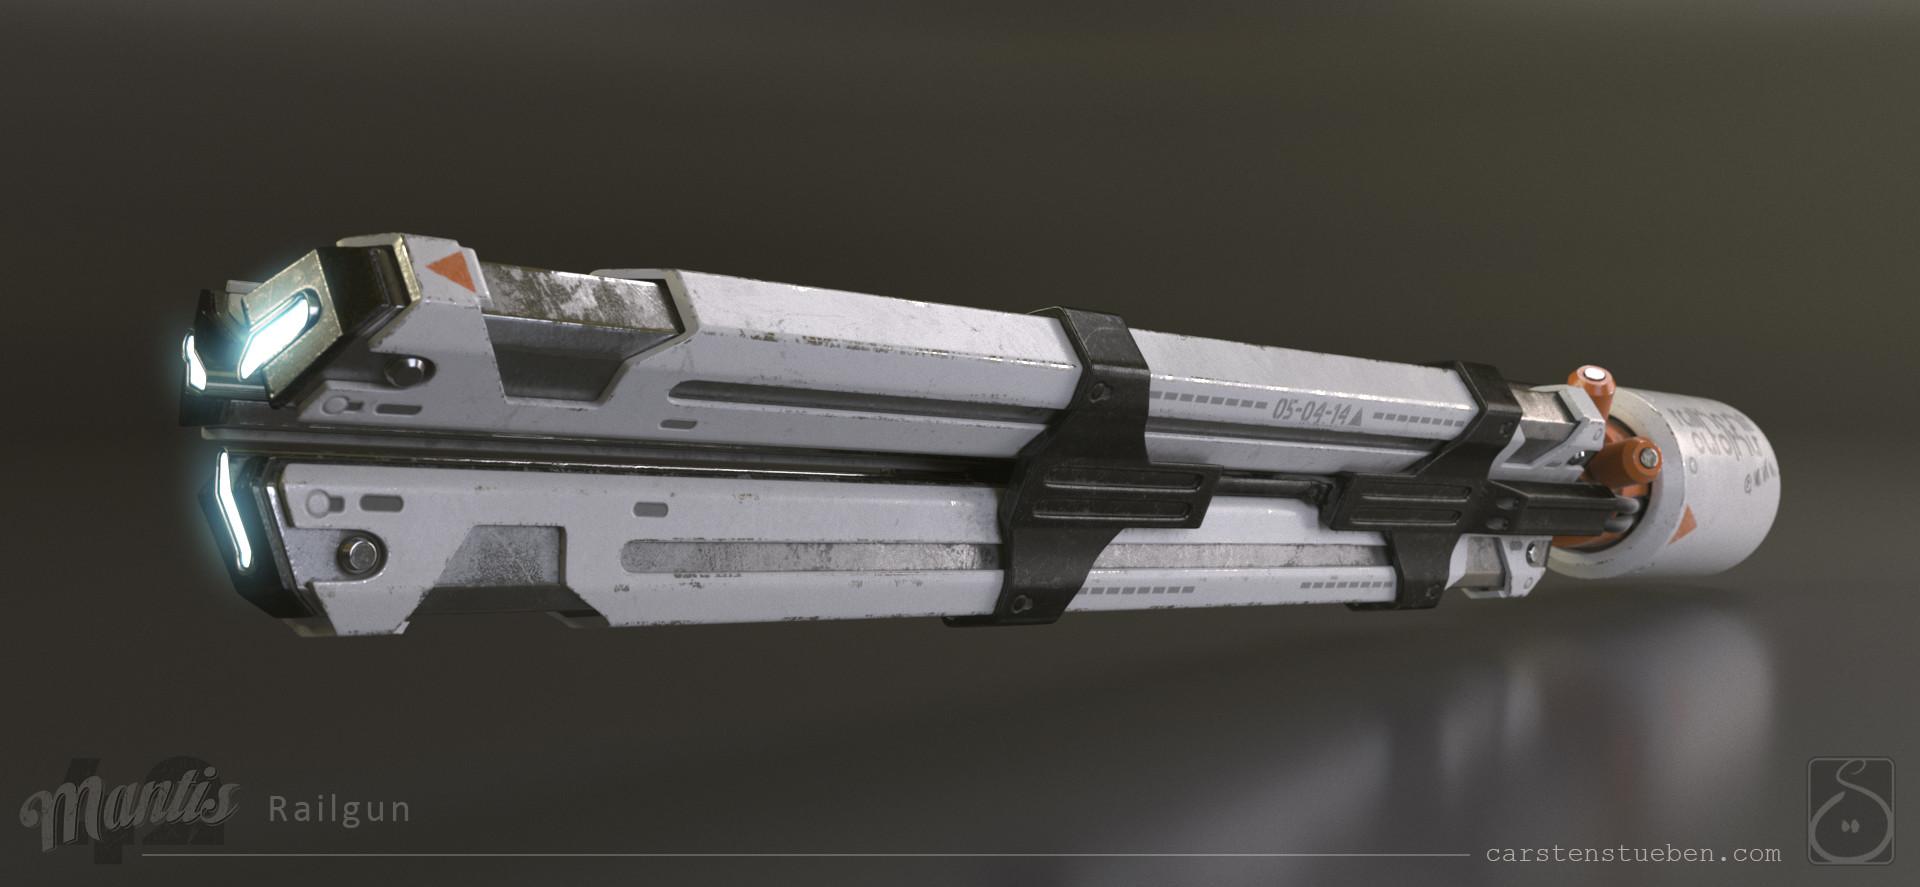 Carsten stueben thrust mantis42 railgun 01